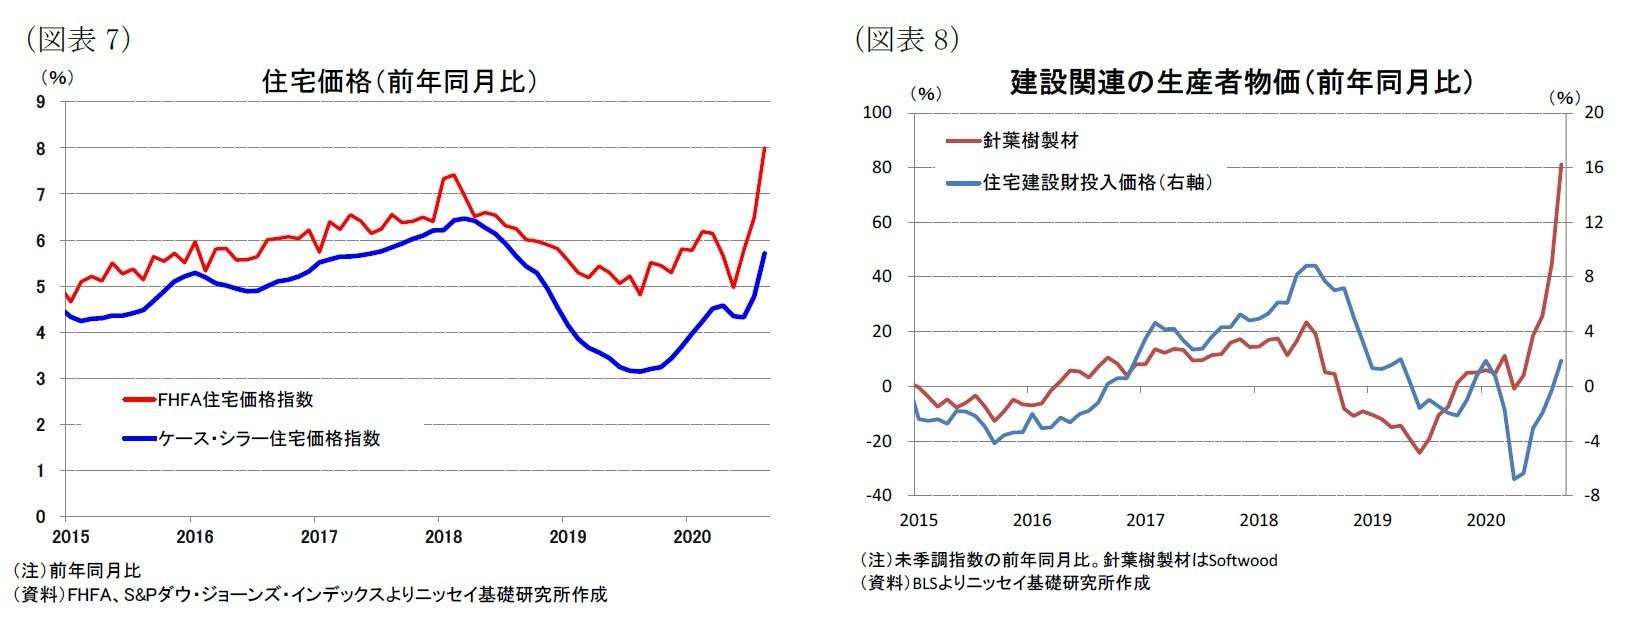 (図表7)住宅価格(前年同月比)/(図表8)建設関連の生産者物価(前年同月比)